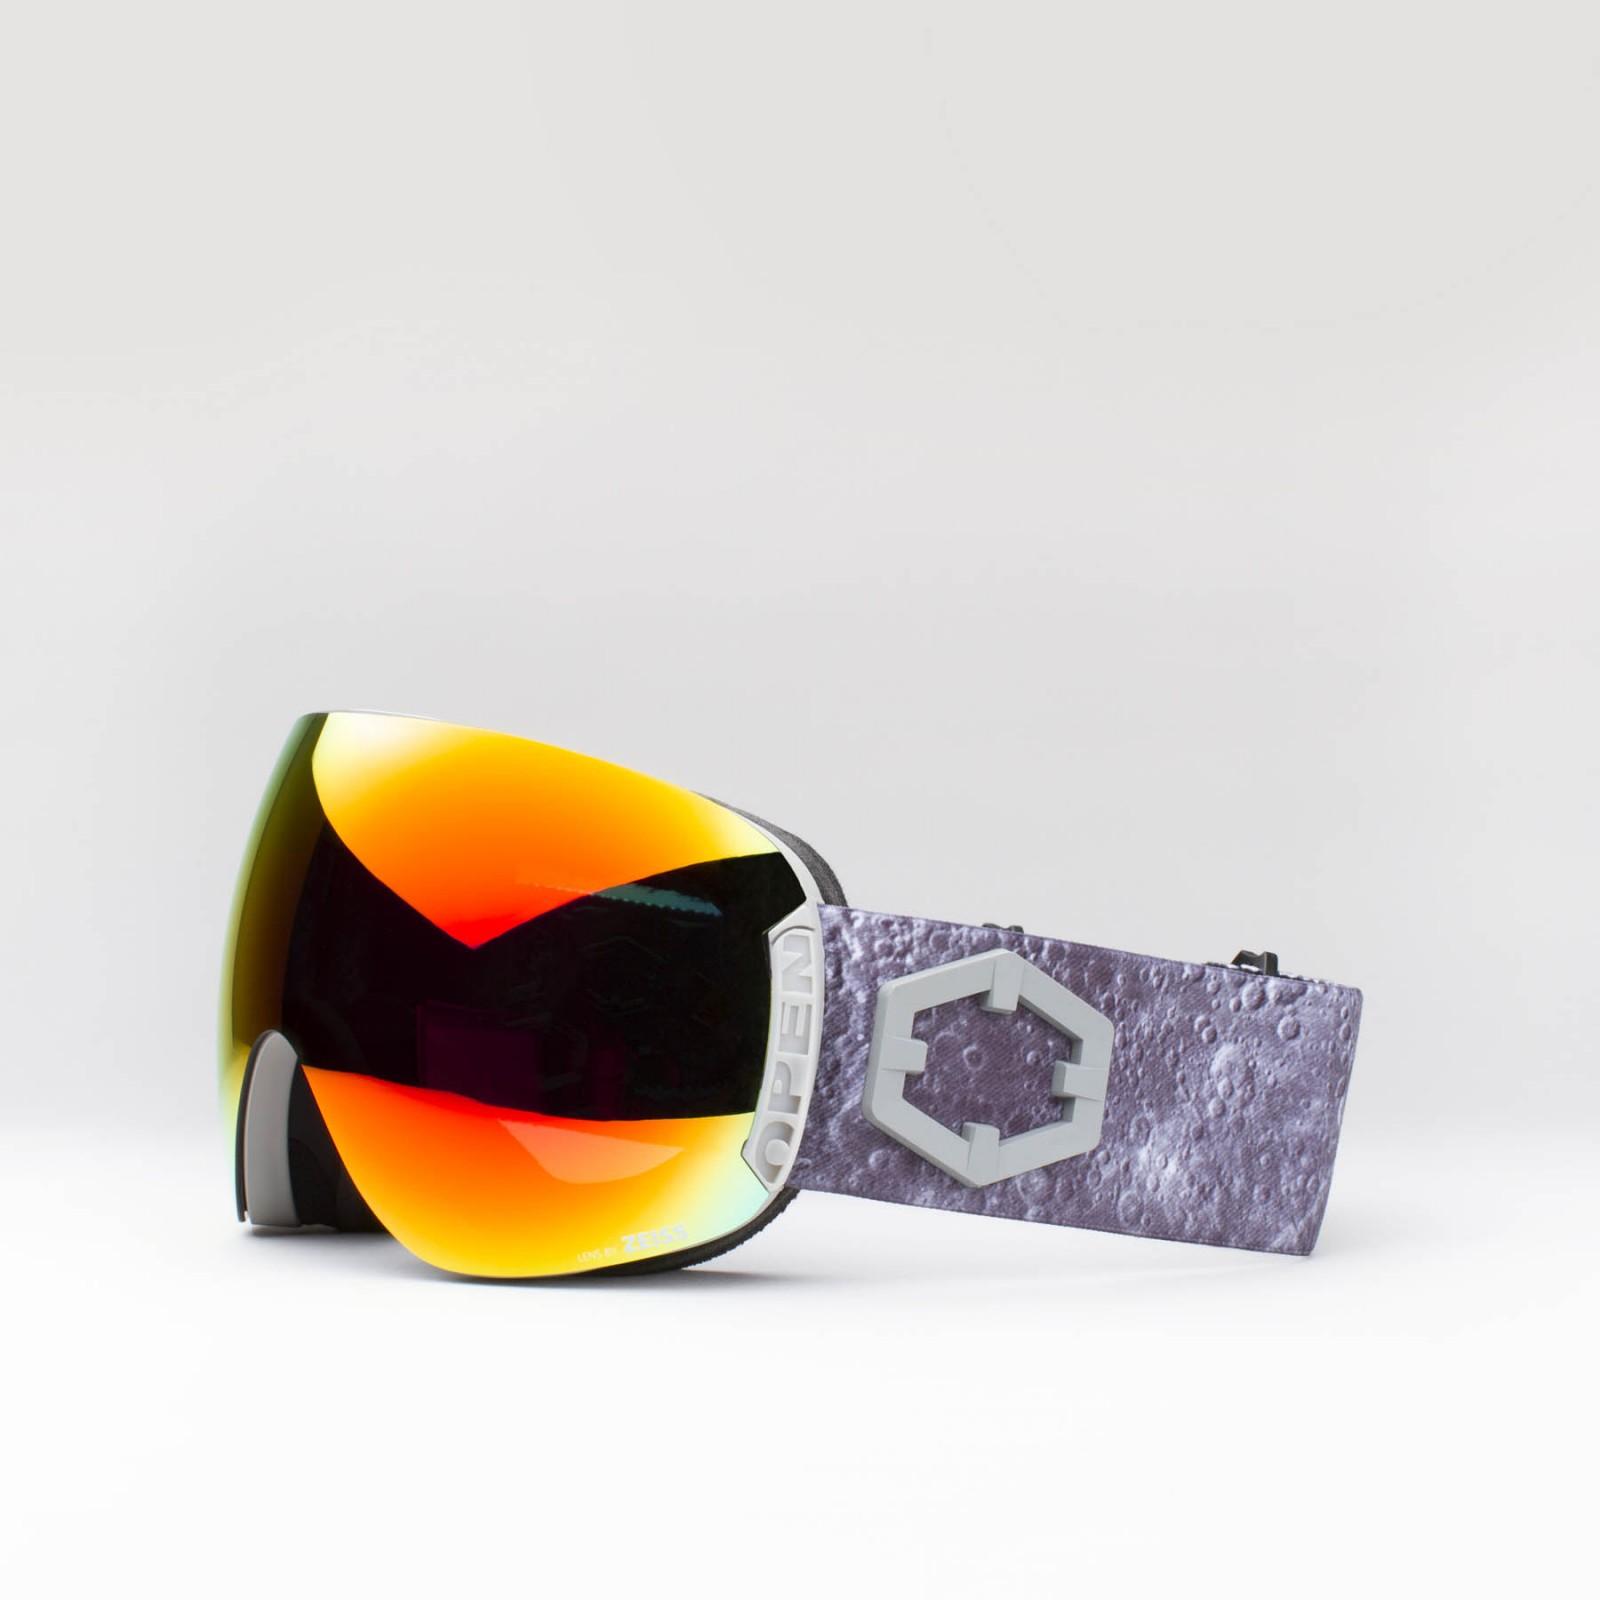 Open Apollo Red MCI goggle